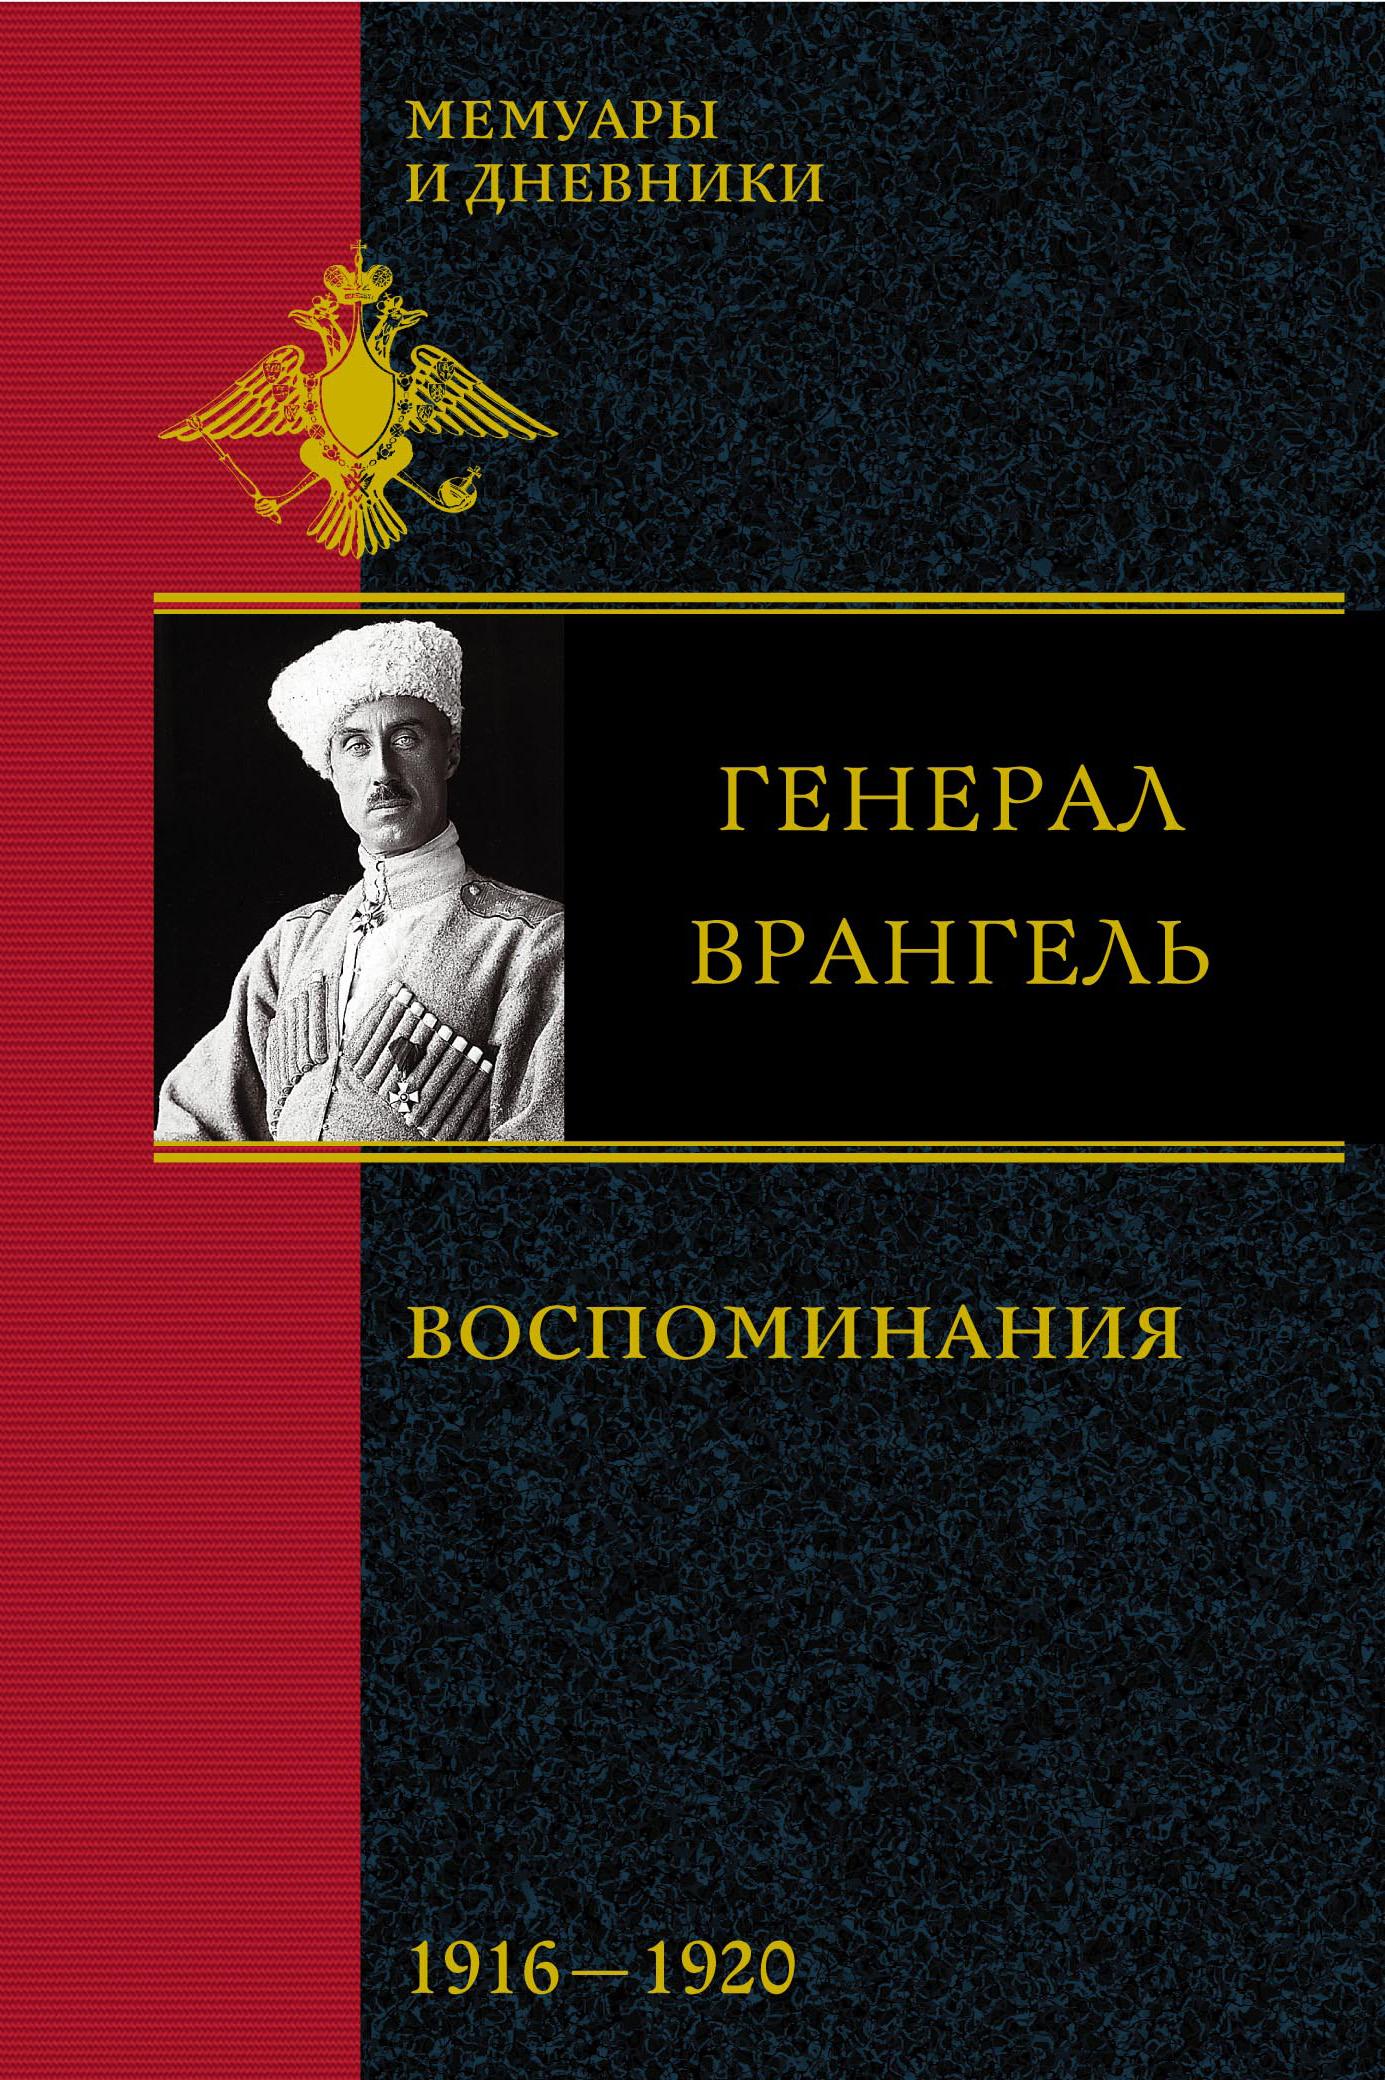 Петр Врангель Воспоминания. 1916-1920 цена в Москве и Питере